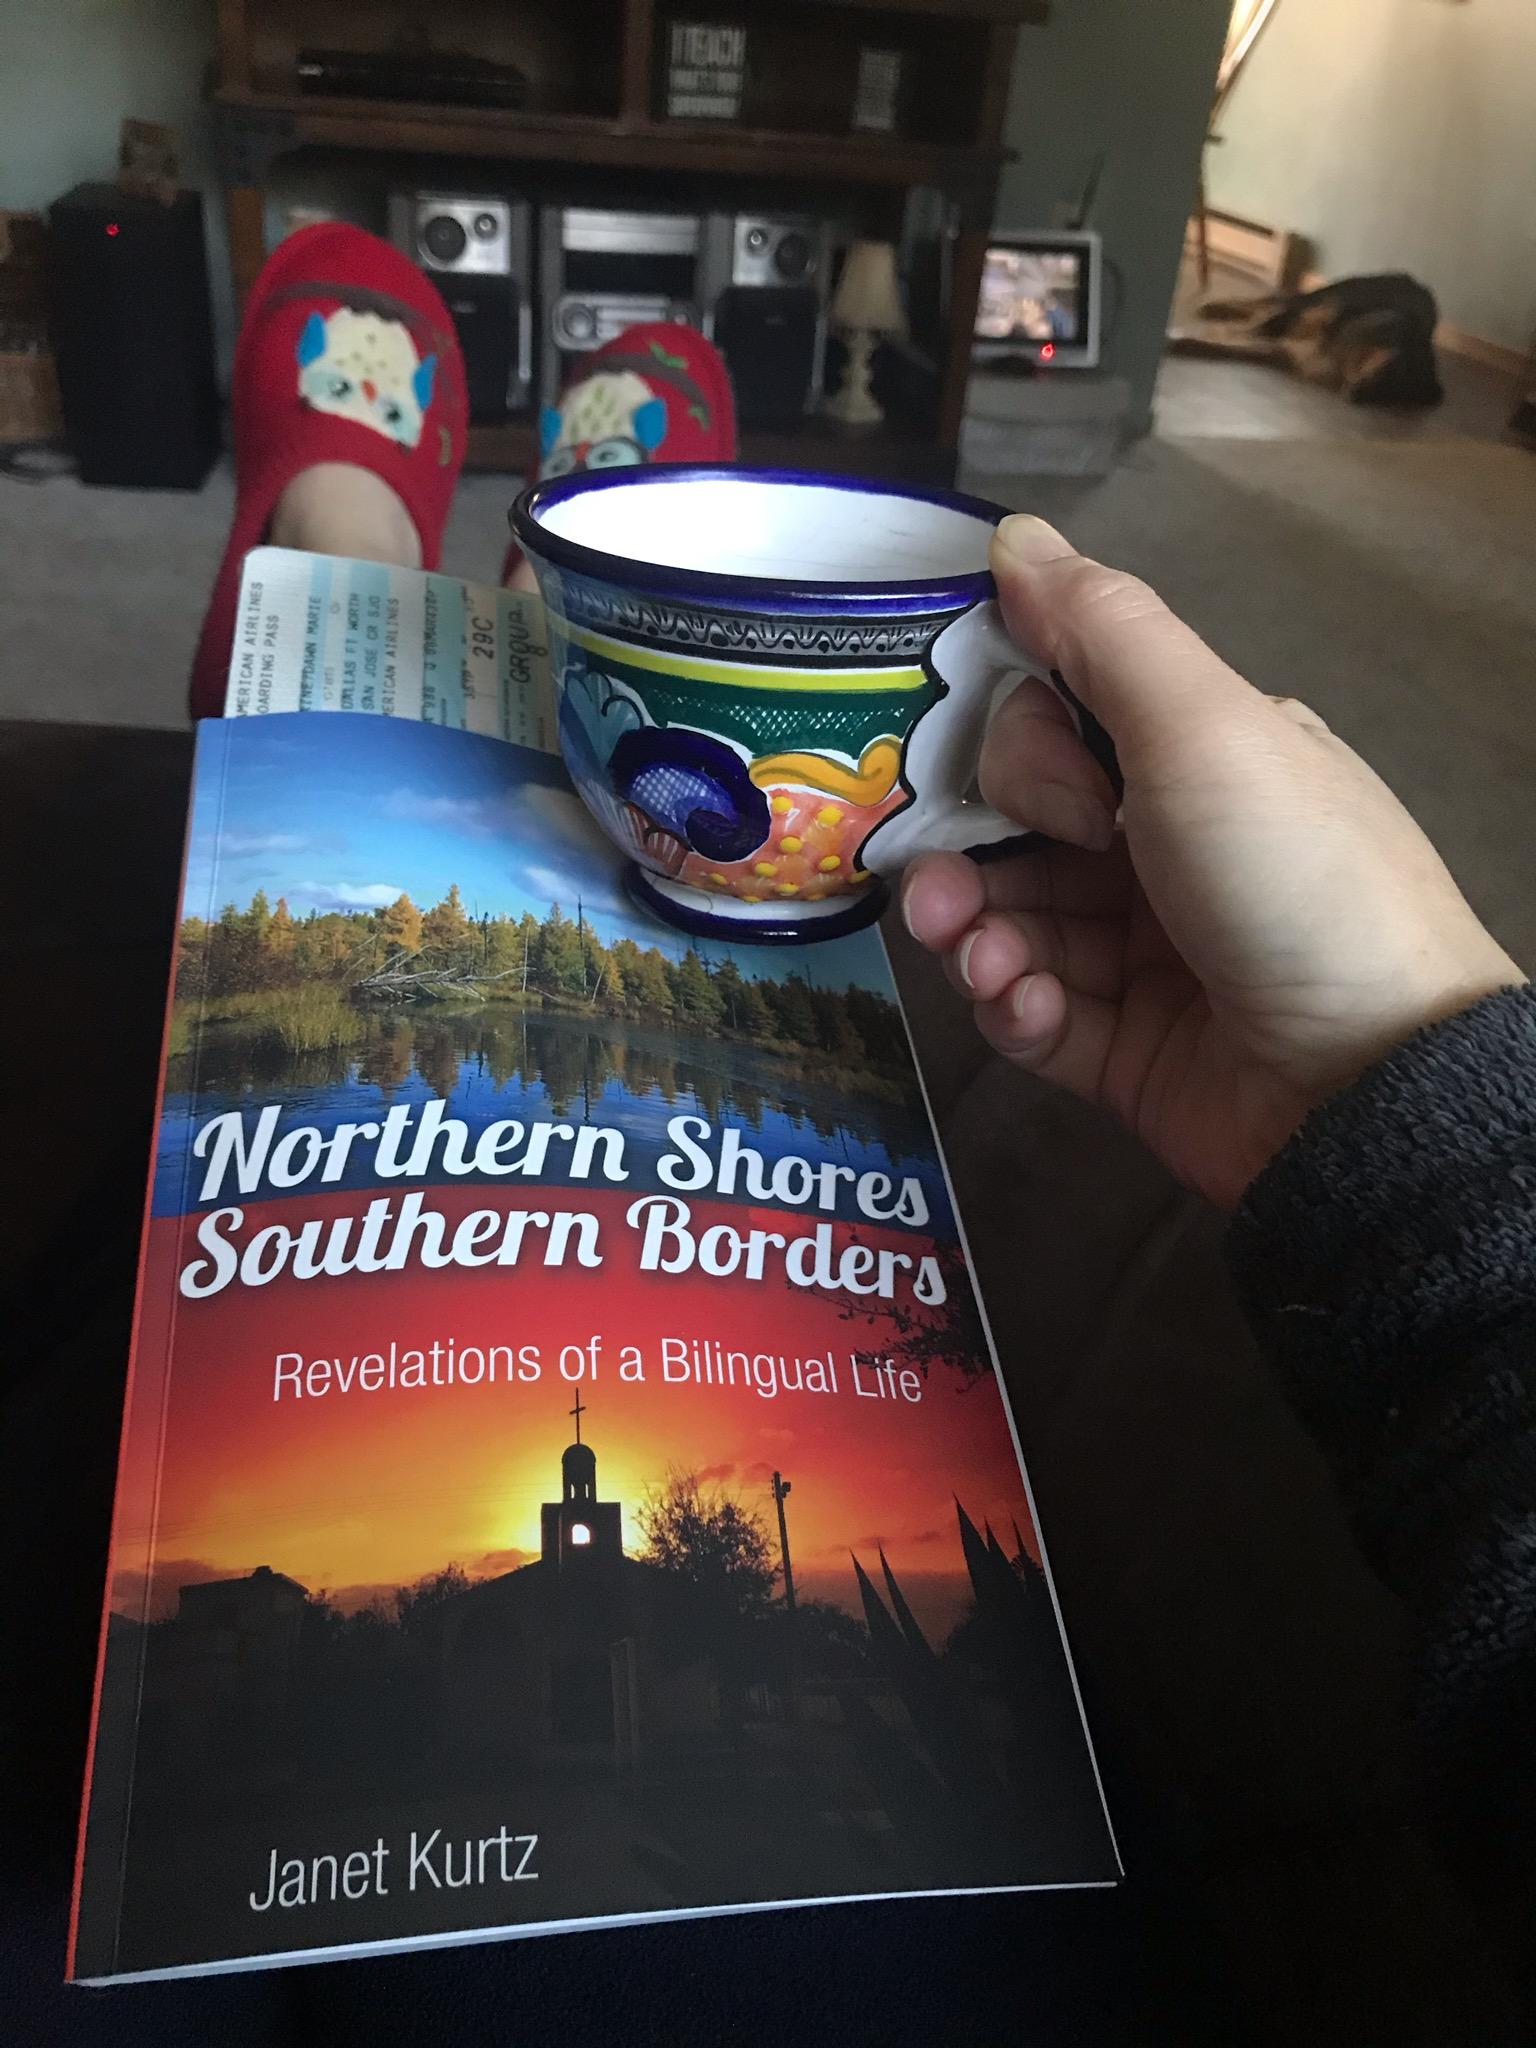 Dawn M. Reads